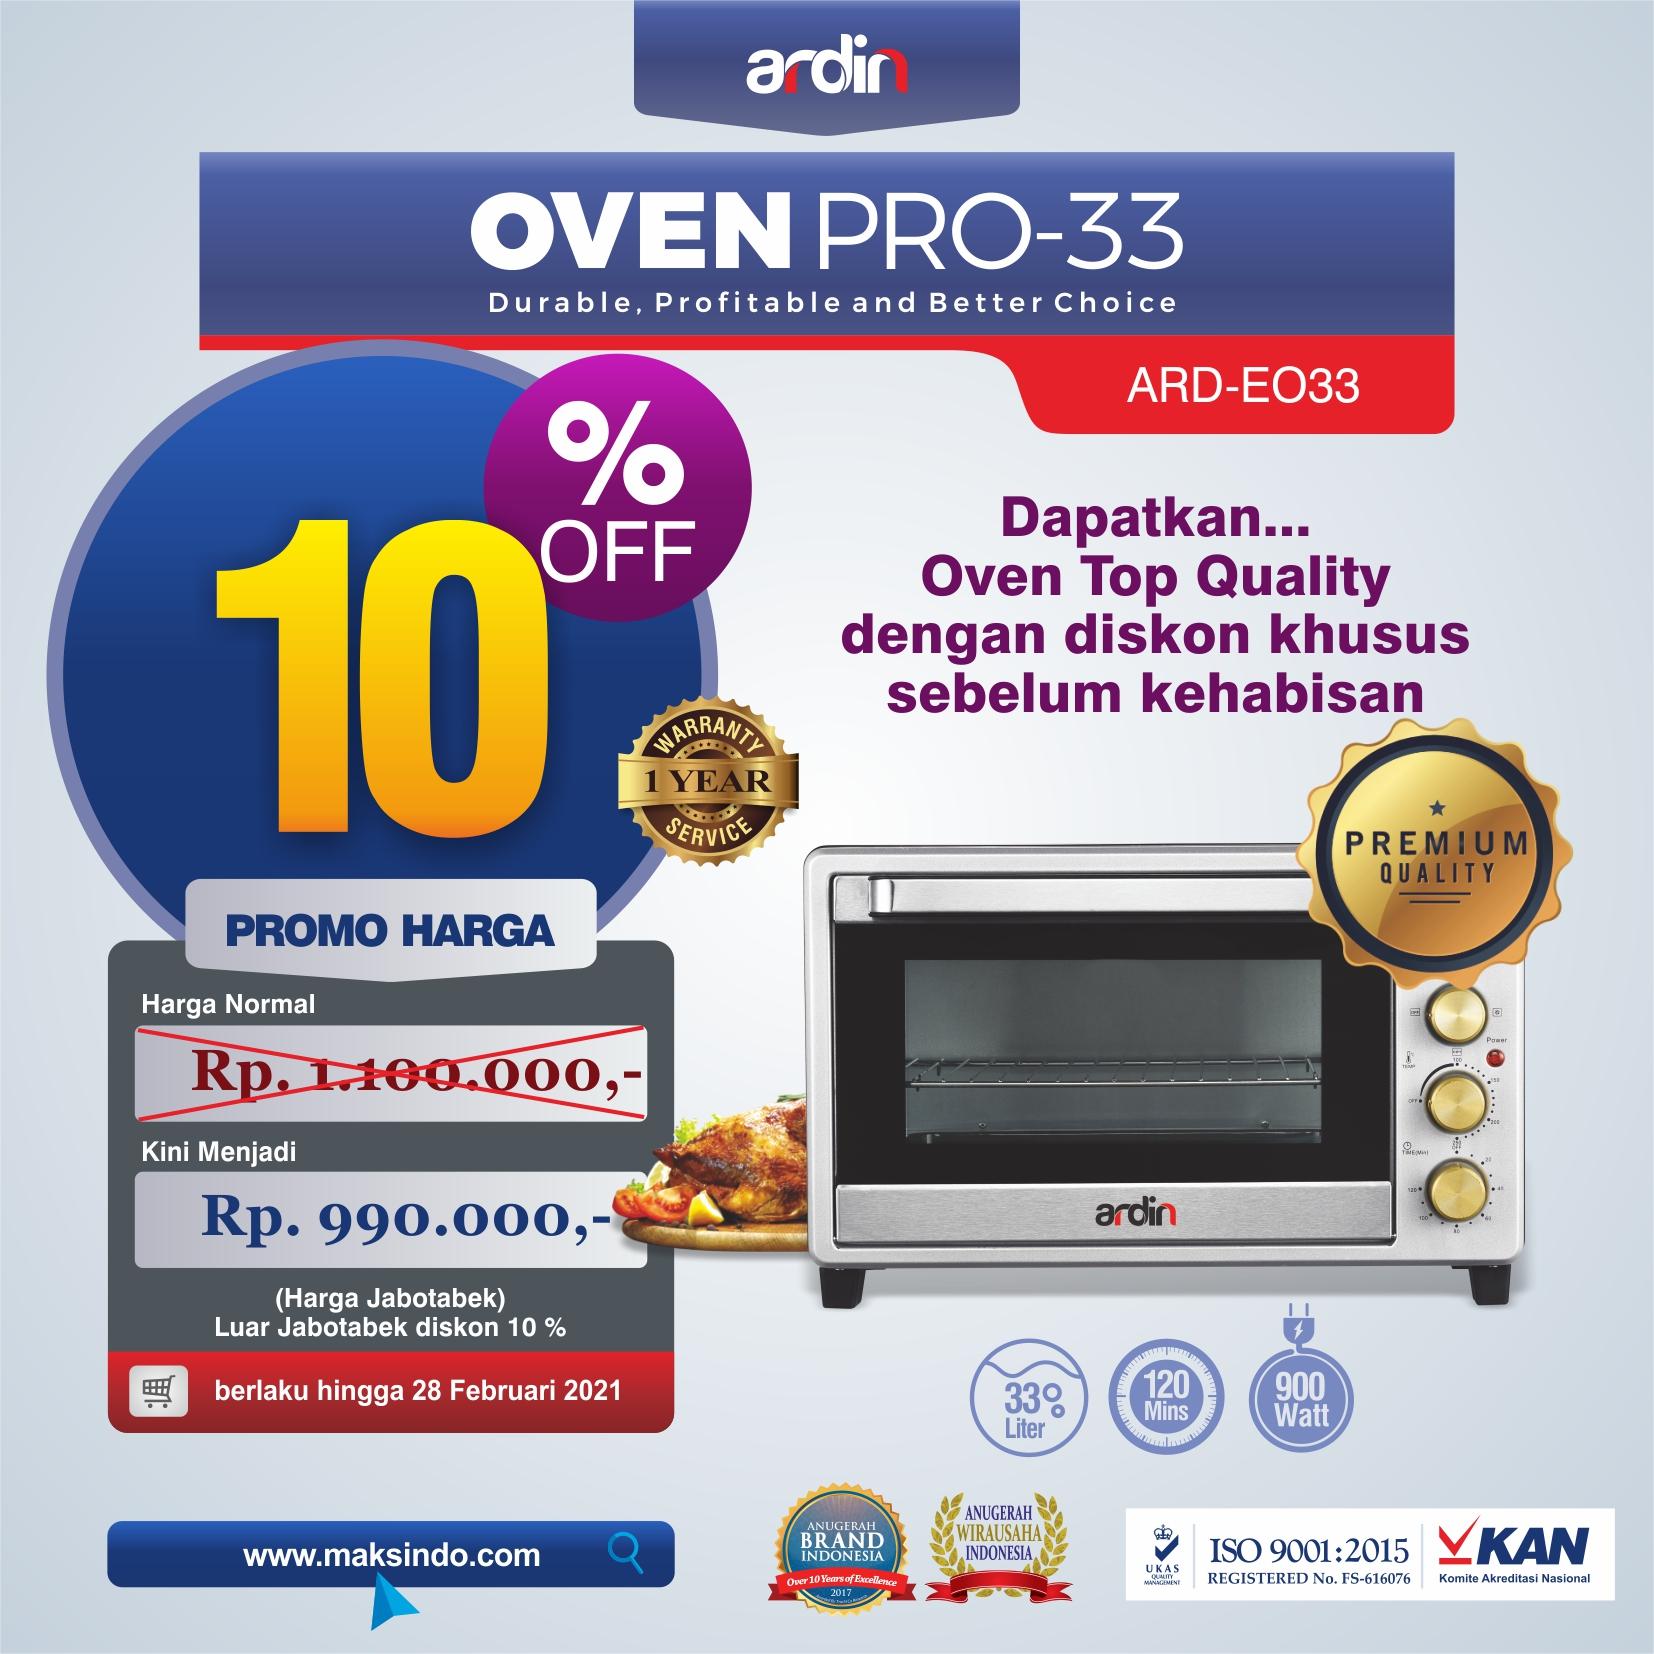 Jual Oven Listrik (Oven Pro-33) di Bekasi